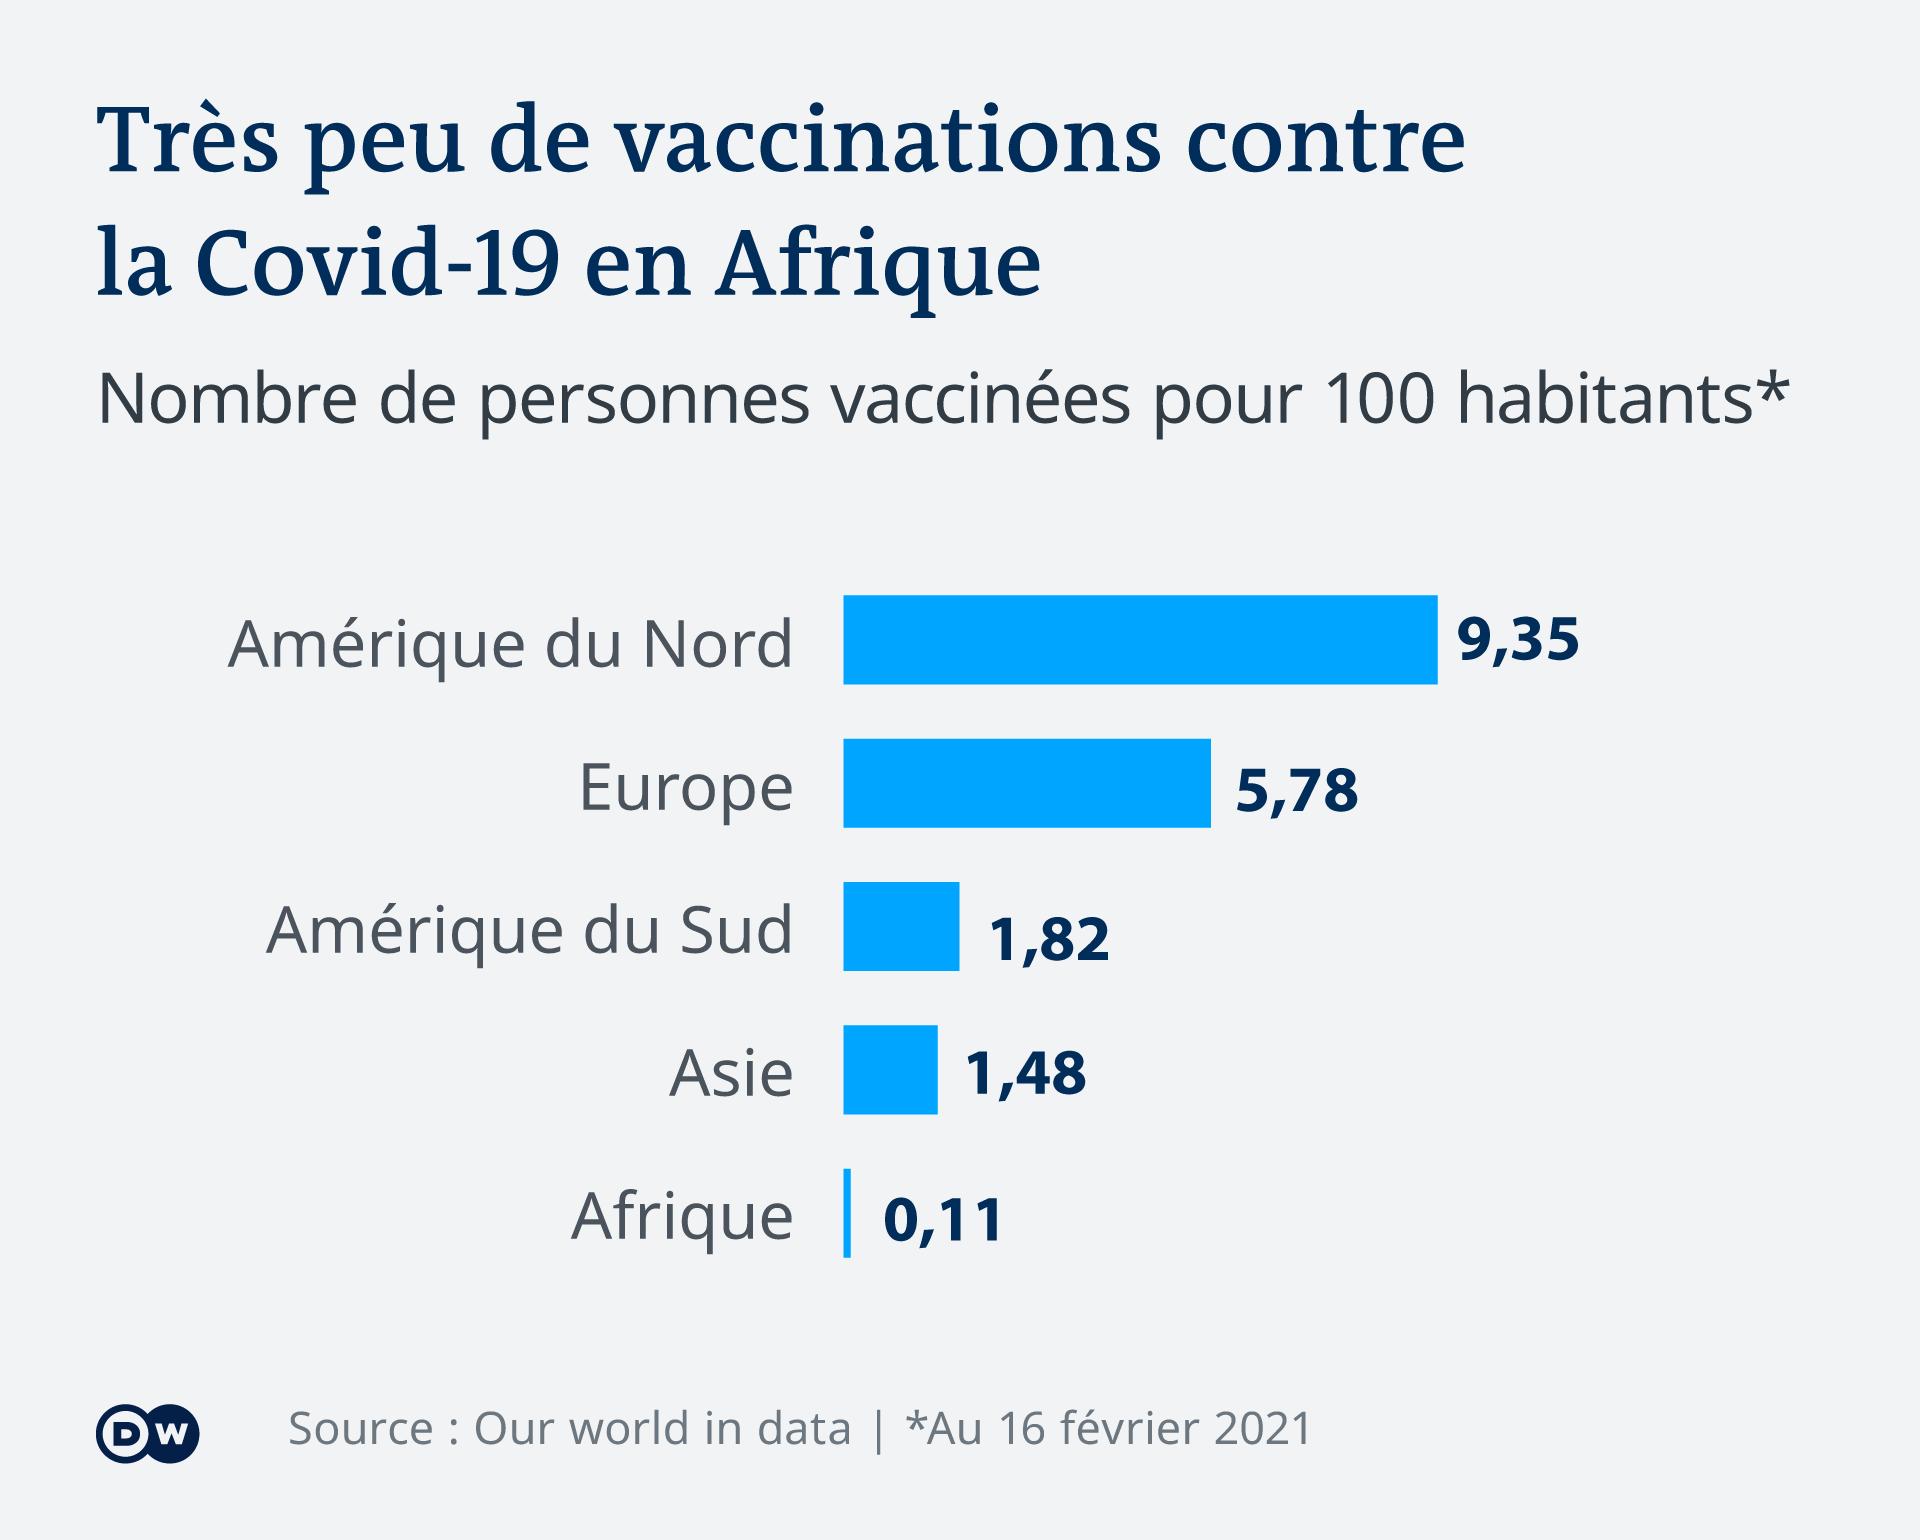 Infografik Sehr L'Afrique n'a pas encore vraiment débuté sa campagne de vaccination.wenige Impfungen gegen Covid in Afrika FR